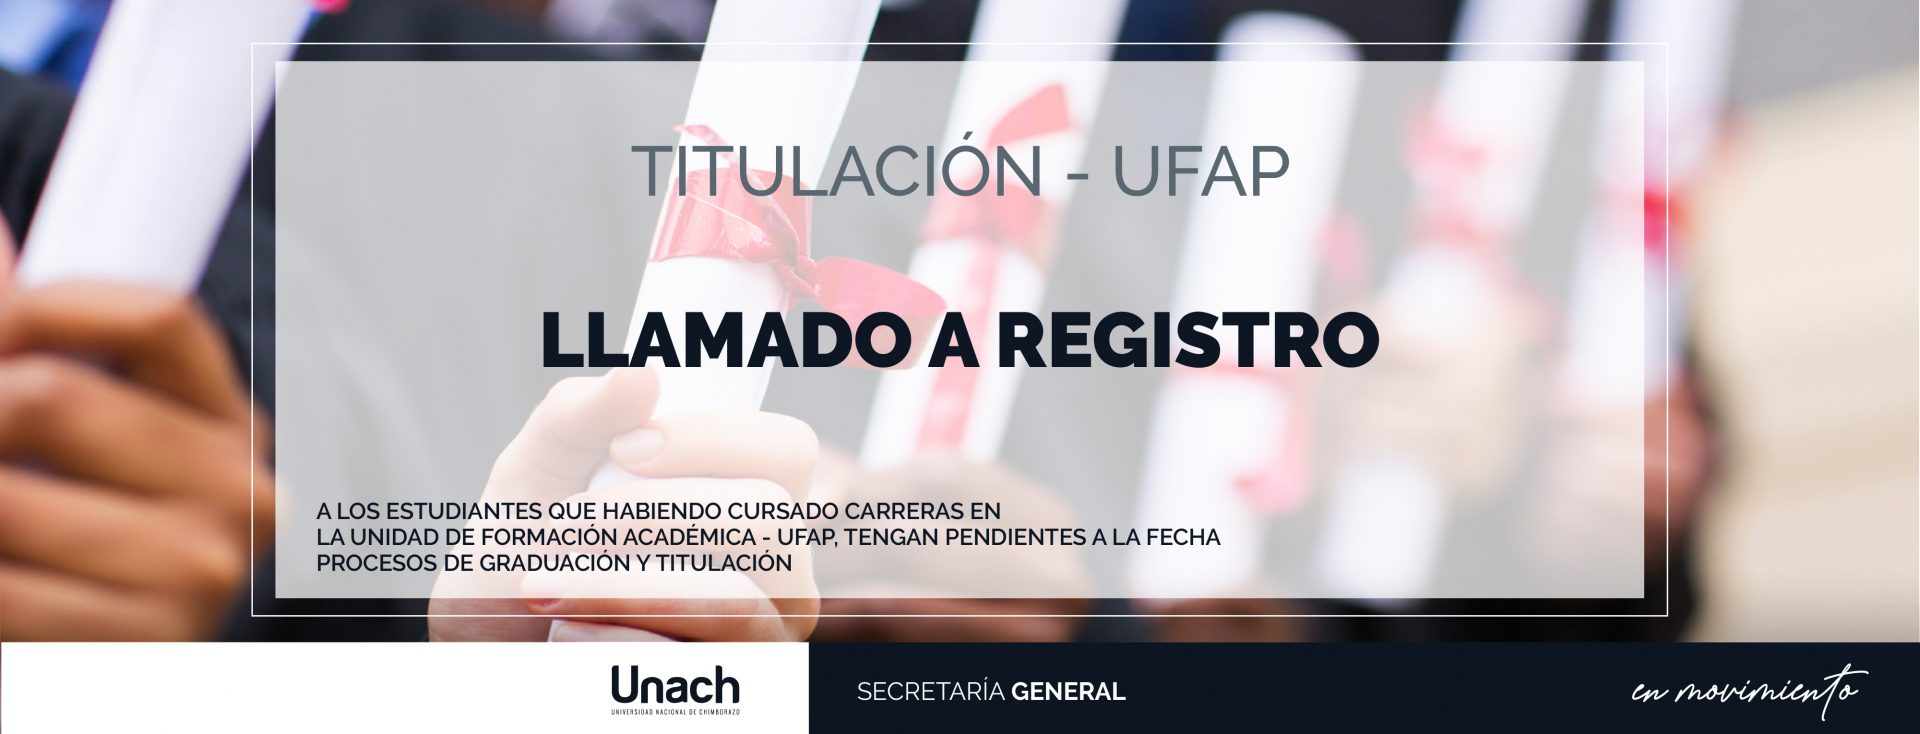 LLAMADO A REGISTRO, TITULACIÓN - UFAP